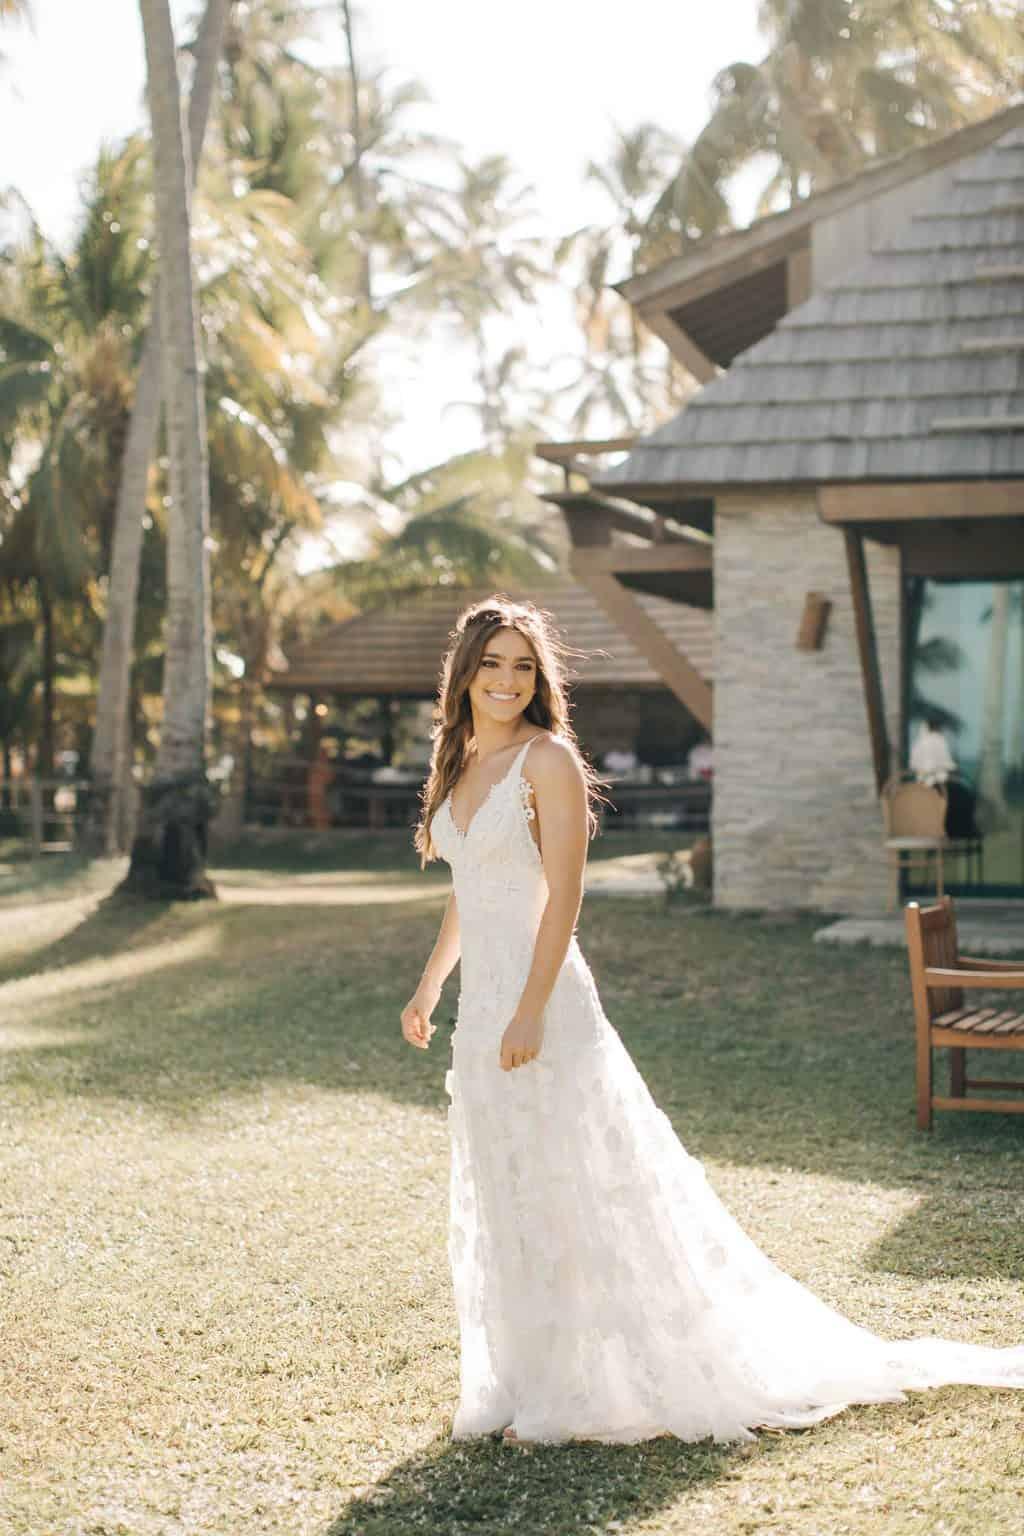 casamento-Danielle-e-Guilherme-aloha-fotografia-caseme-32